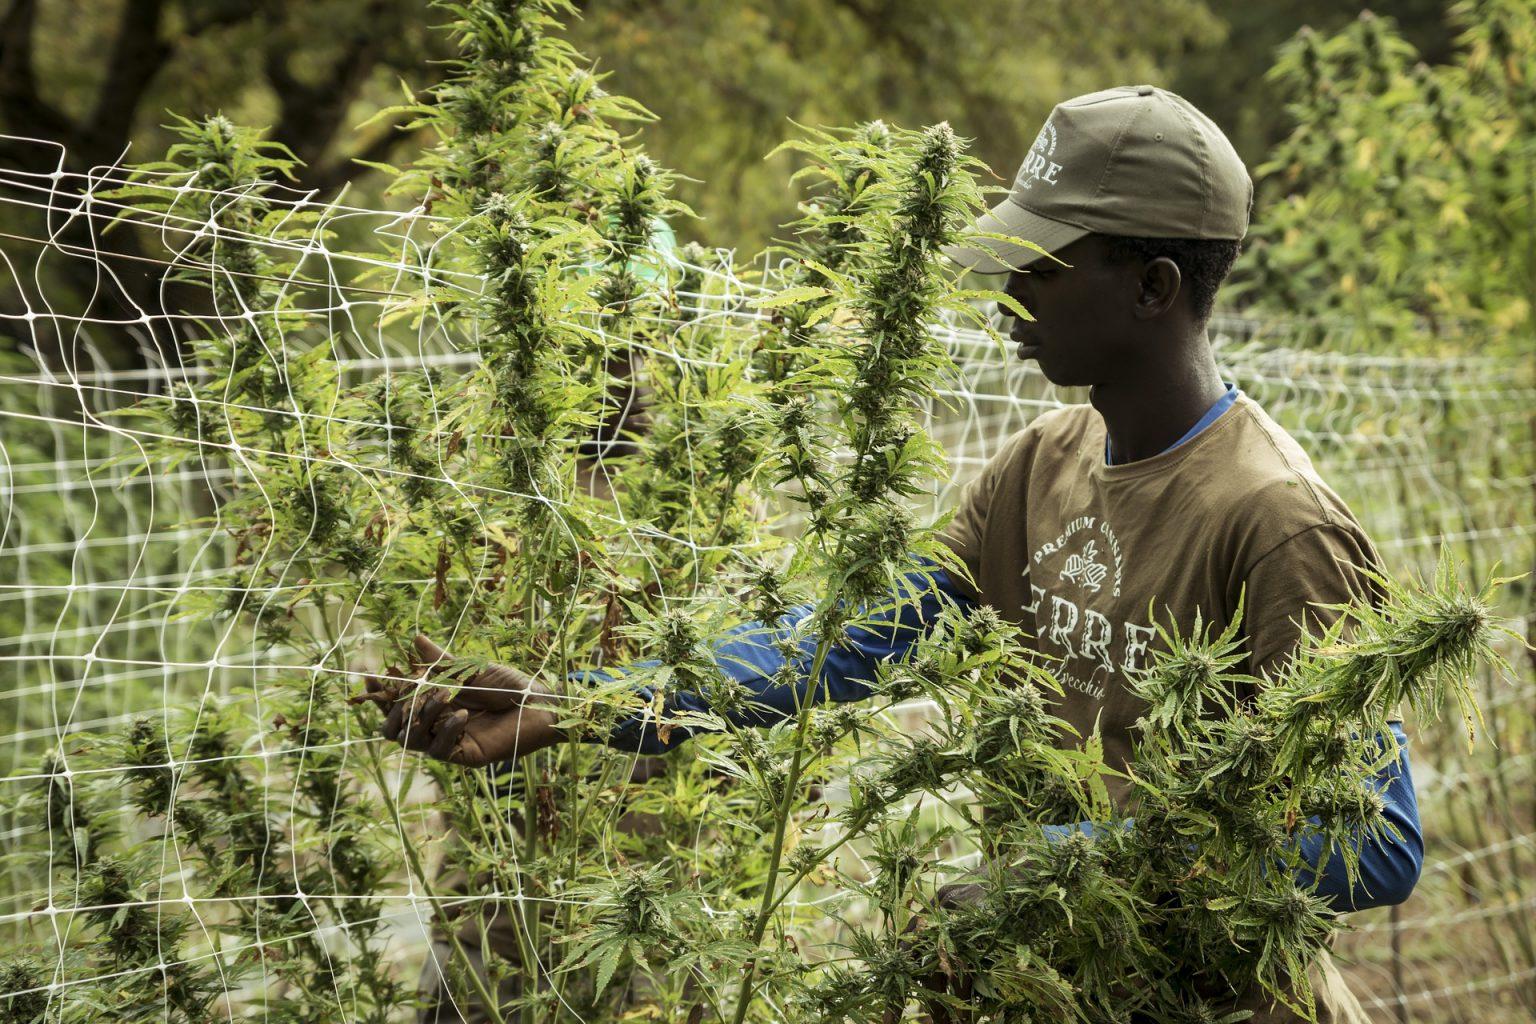 STP: Presidente da Assembleia Nacional contra o cultivo de cannabis